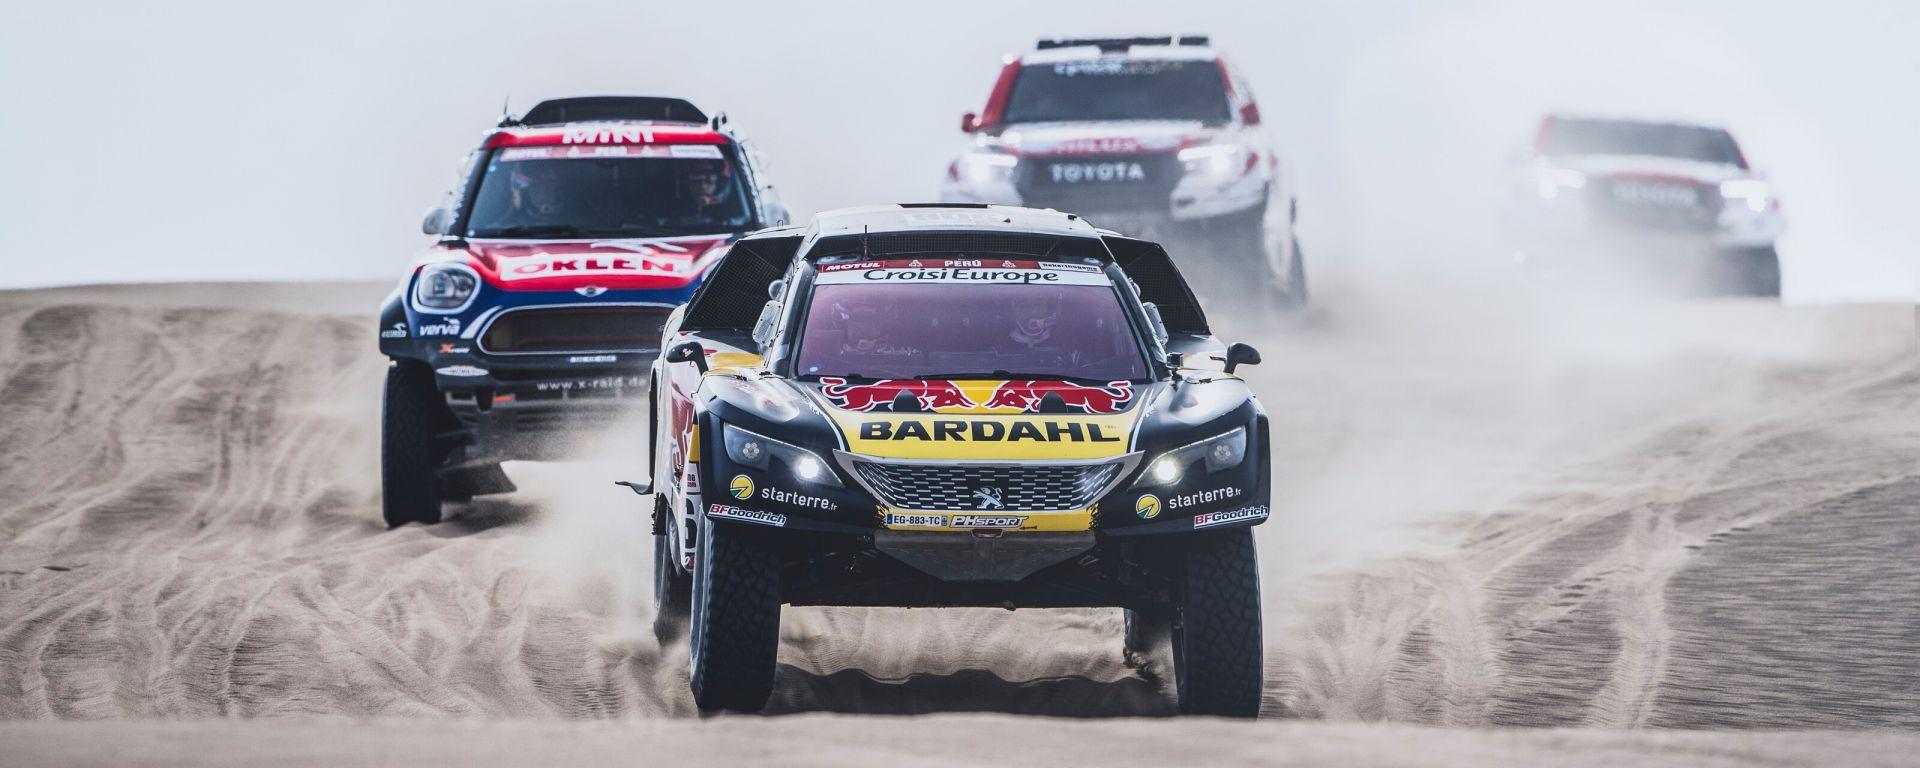 Loeb e Peugeot vincono l'Ottava Tappa della Dakar 2019